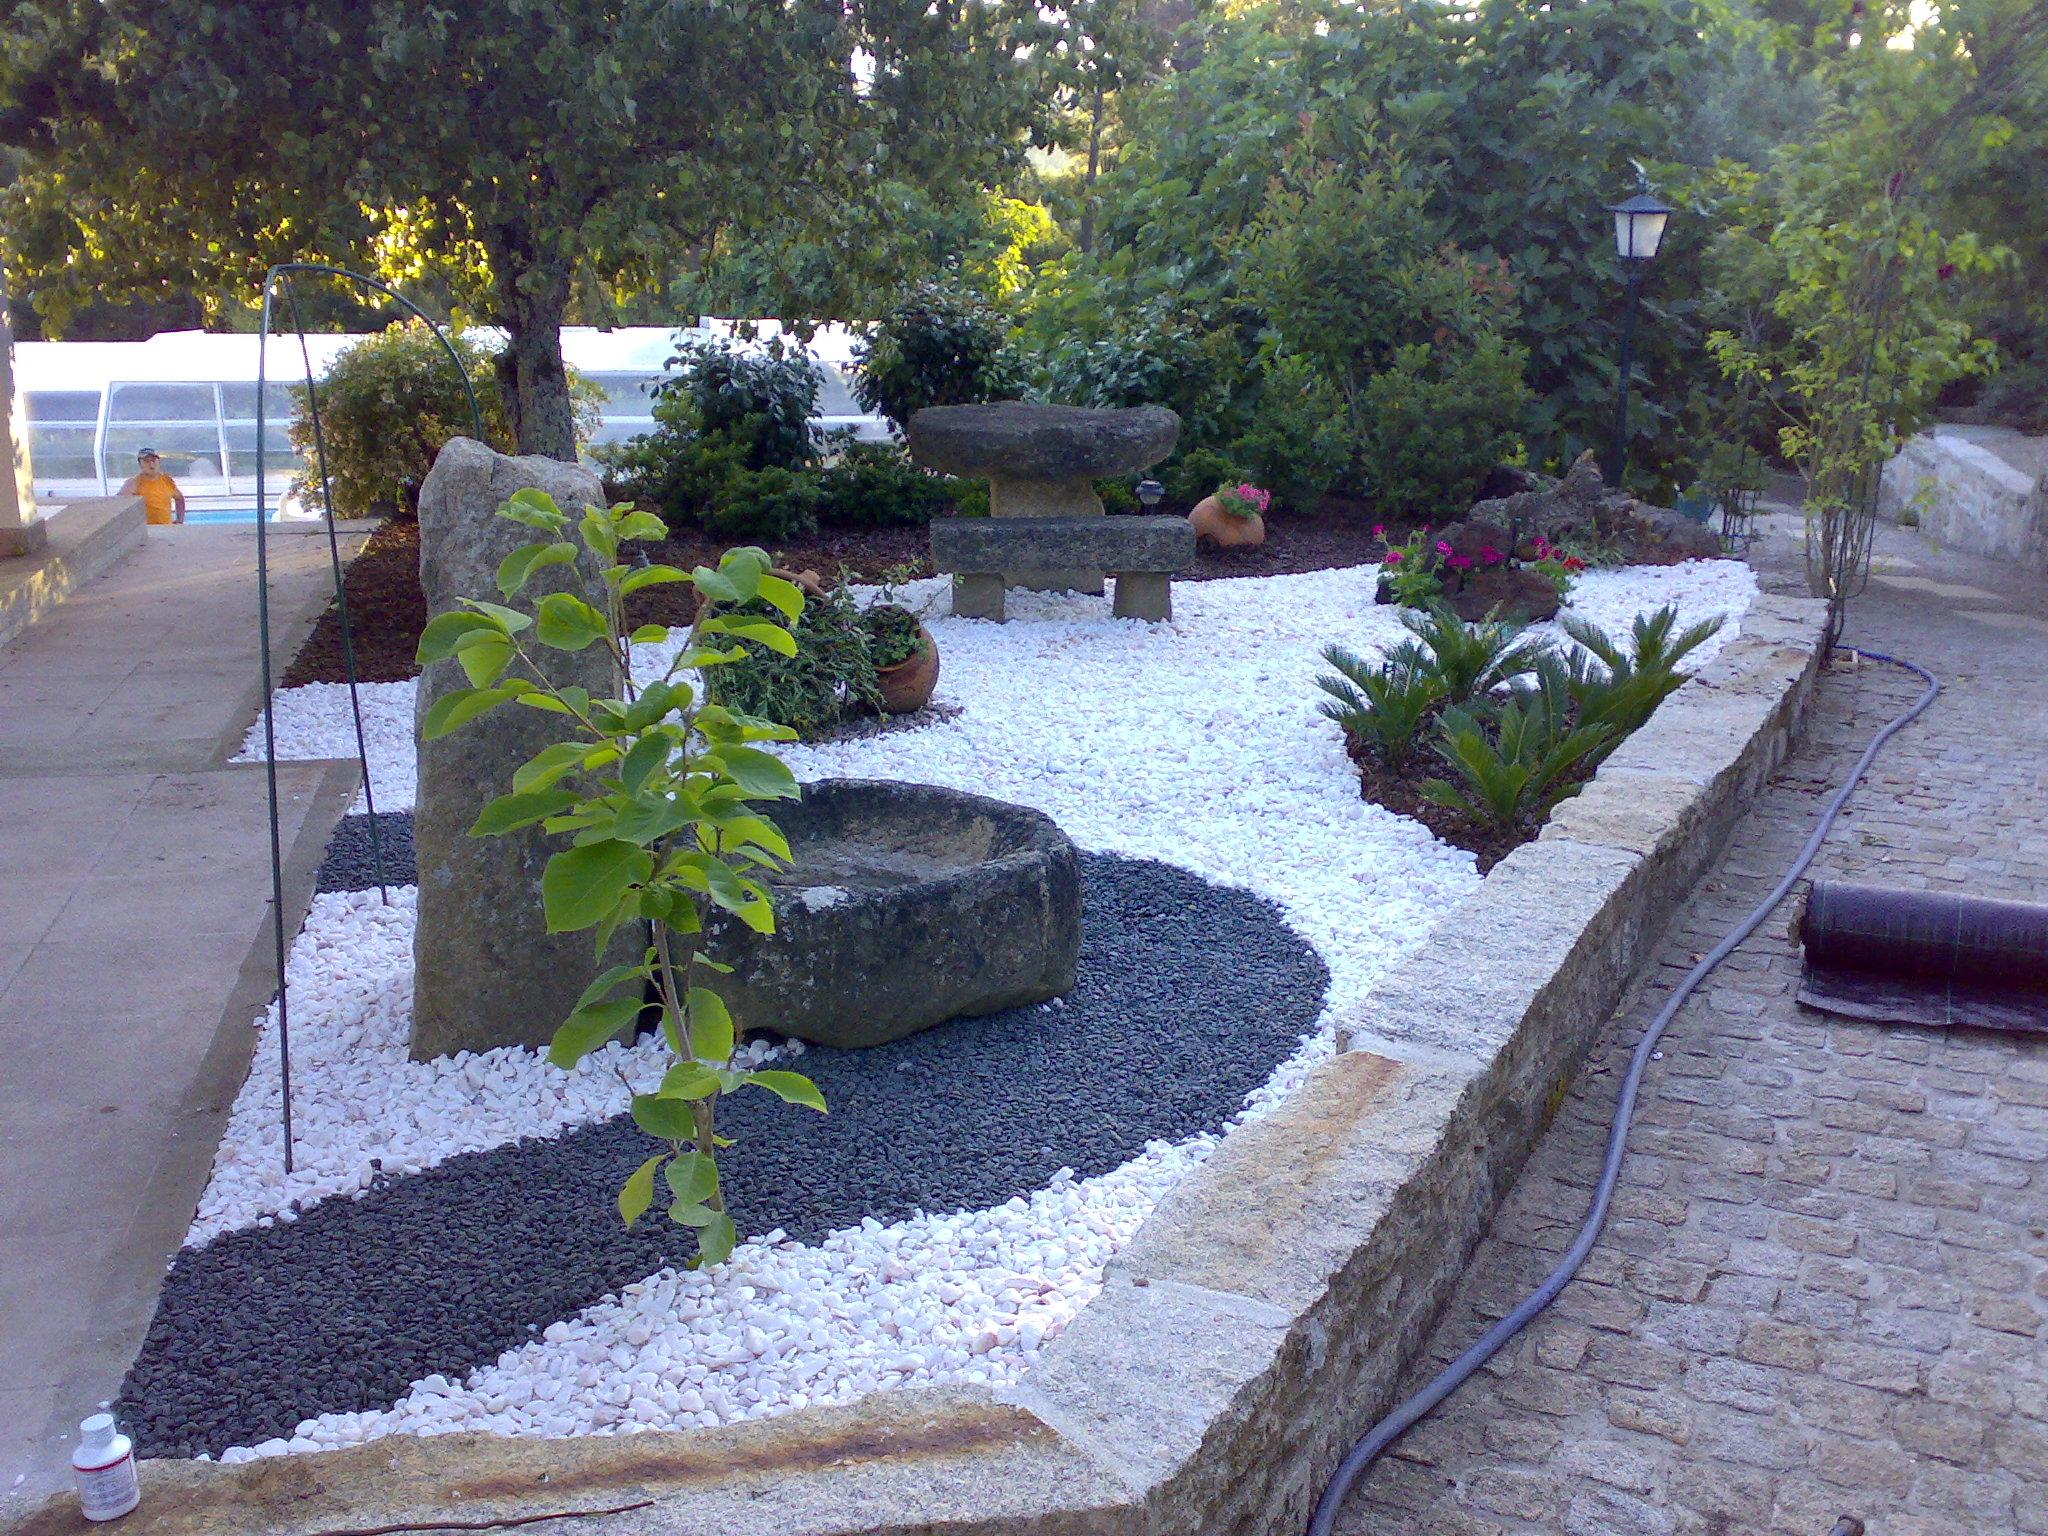 pedra miracema jardim:Personalize o seu Jardim com a nossa oferta de Pedras Decorativas.